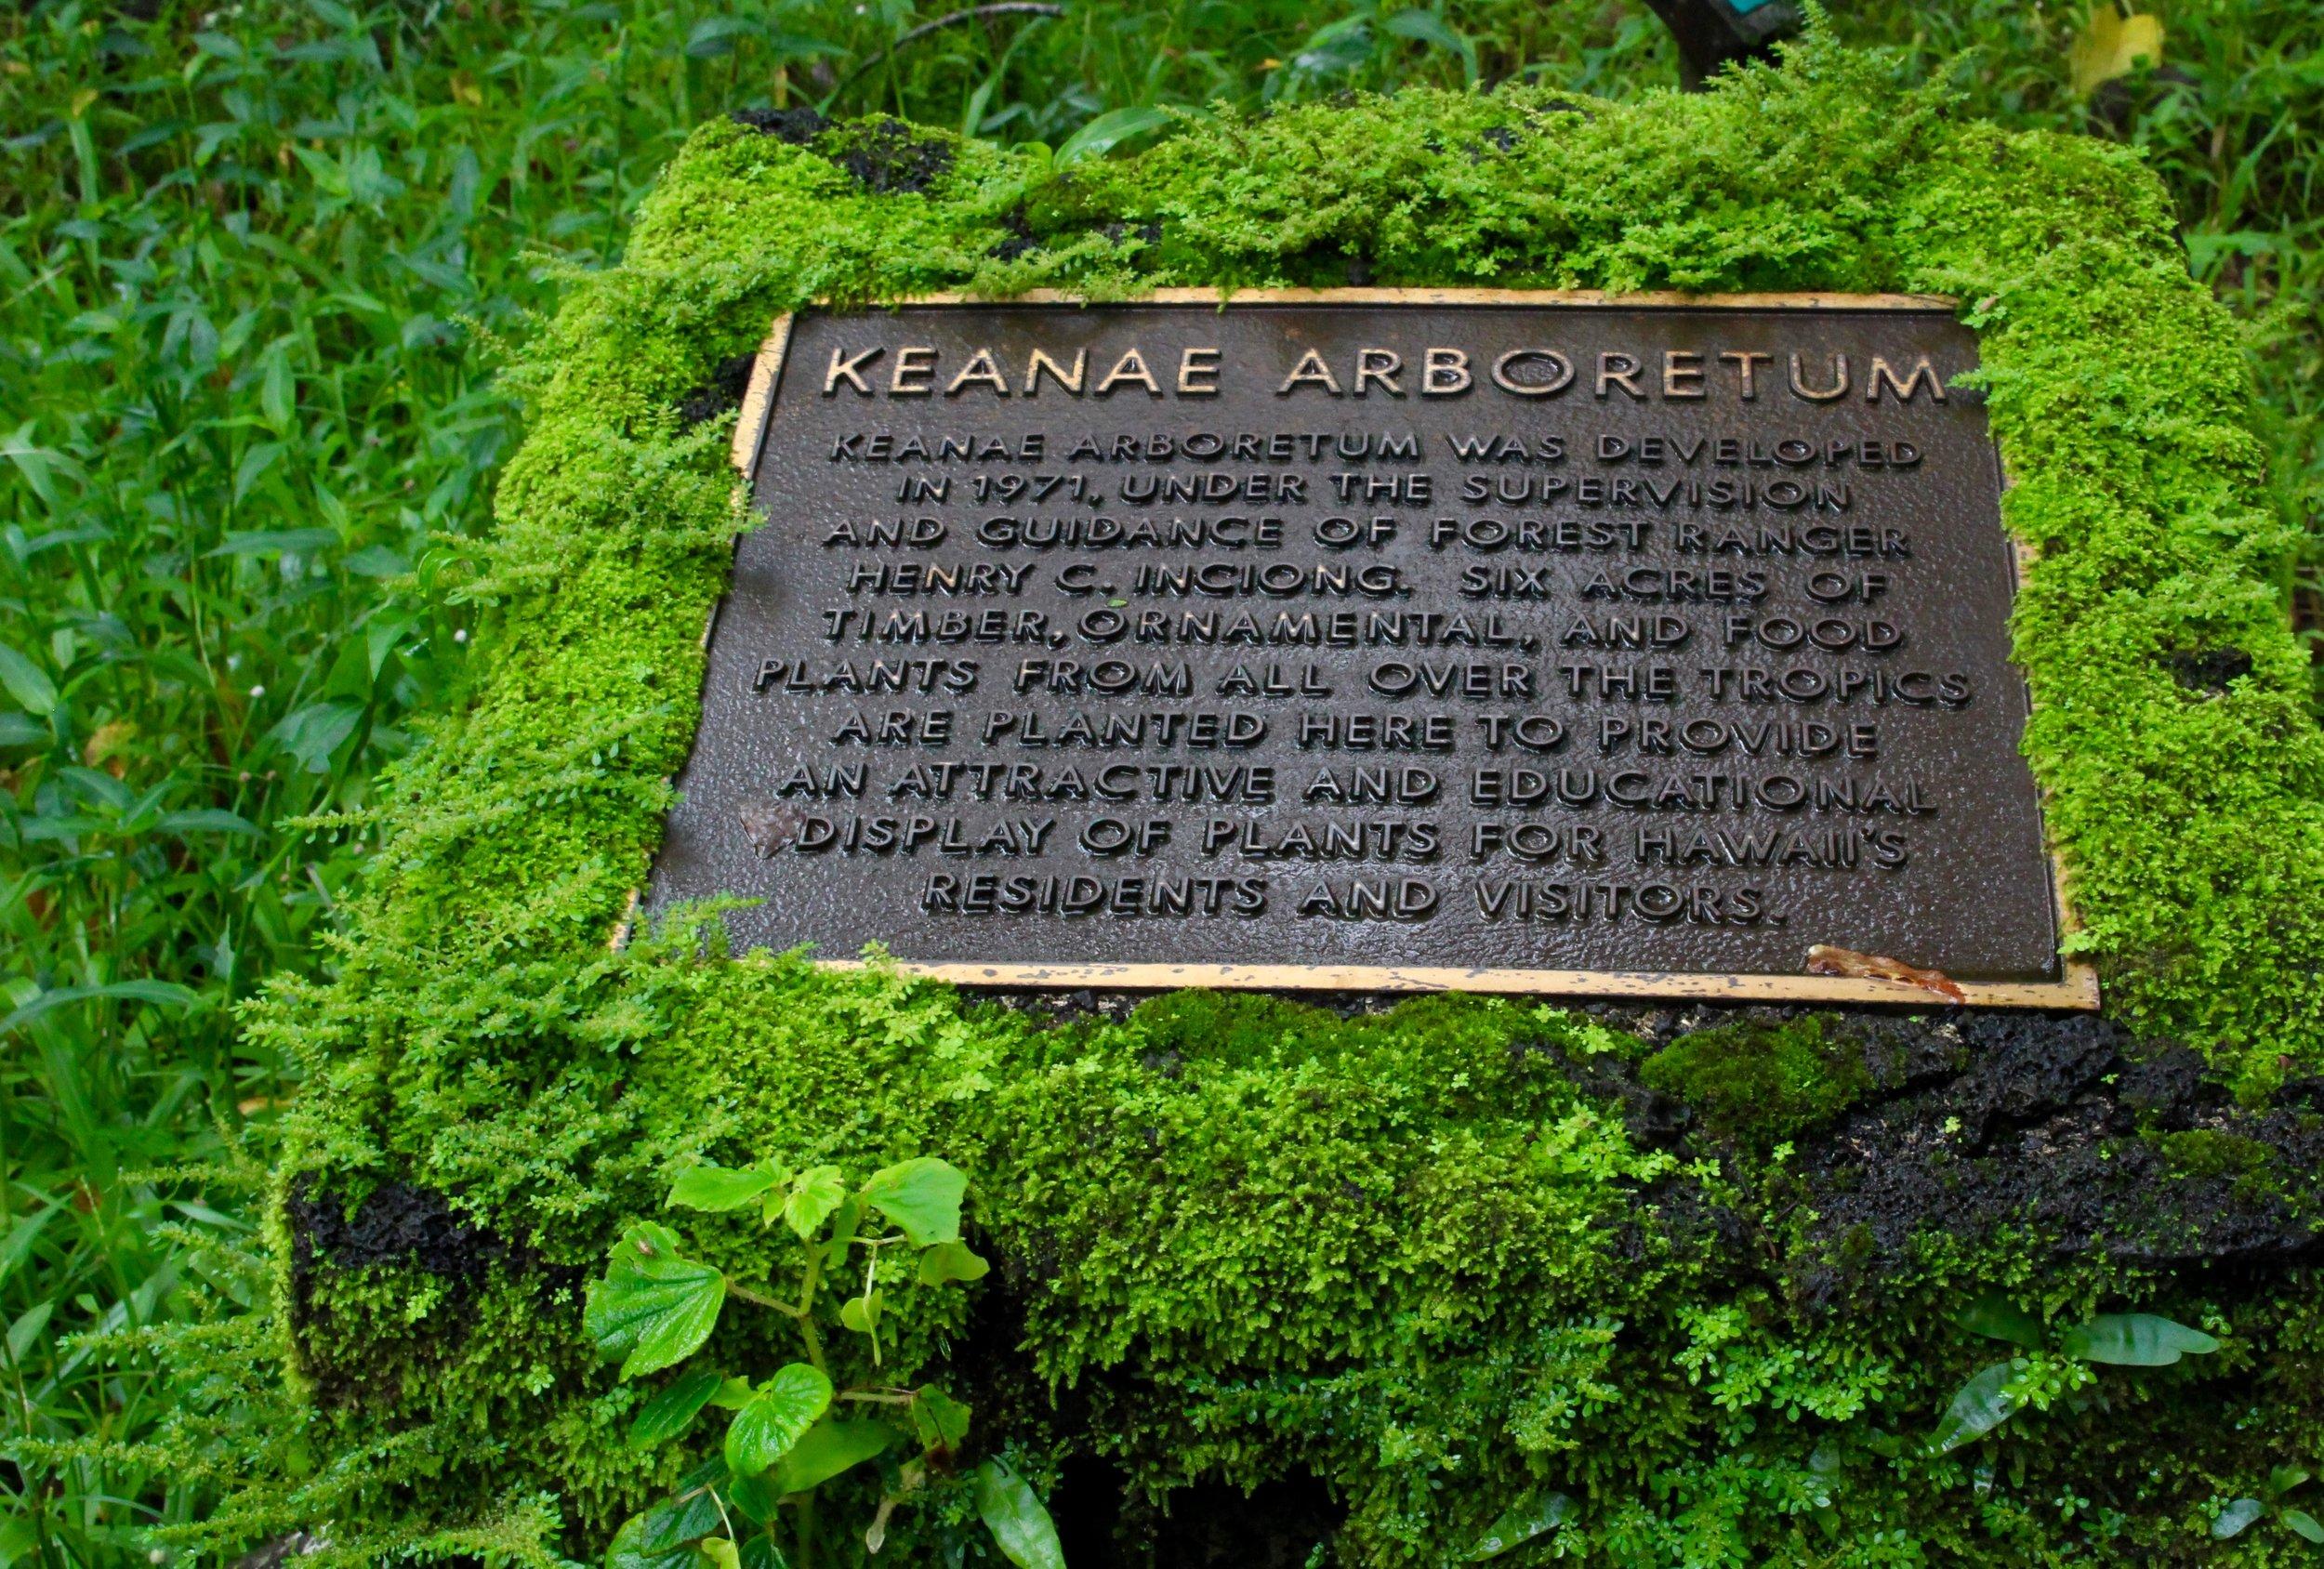 The Ke'anae Arboretum has over 150 varieties of tropical plants.